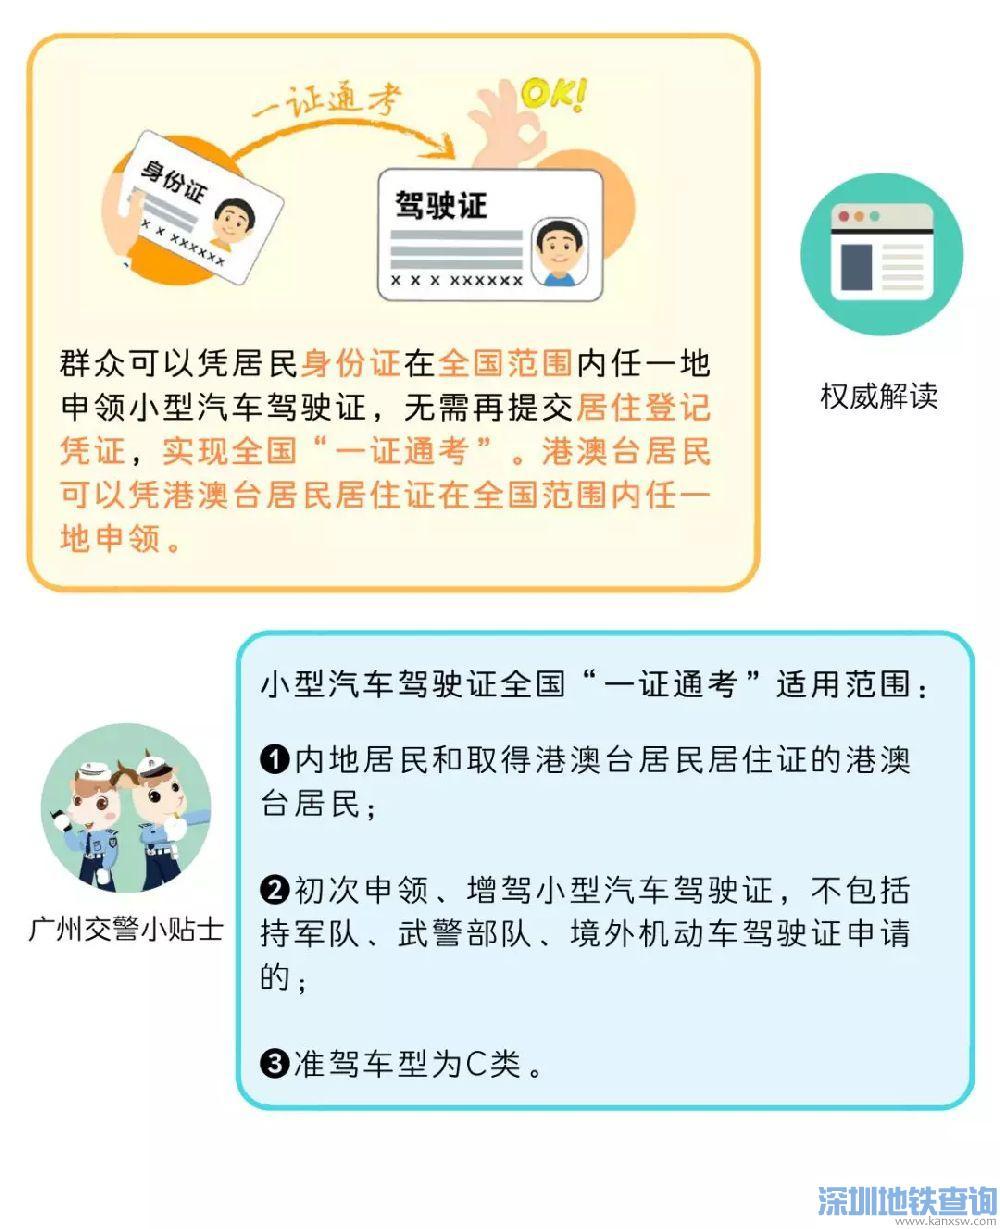 2019外地人在广州申领驾驶证需要提供居住证吗?